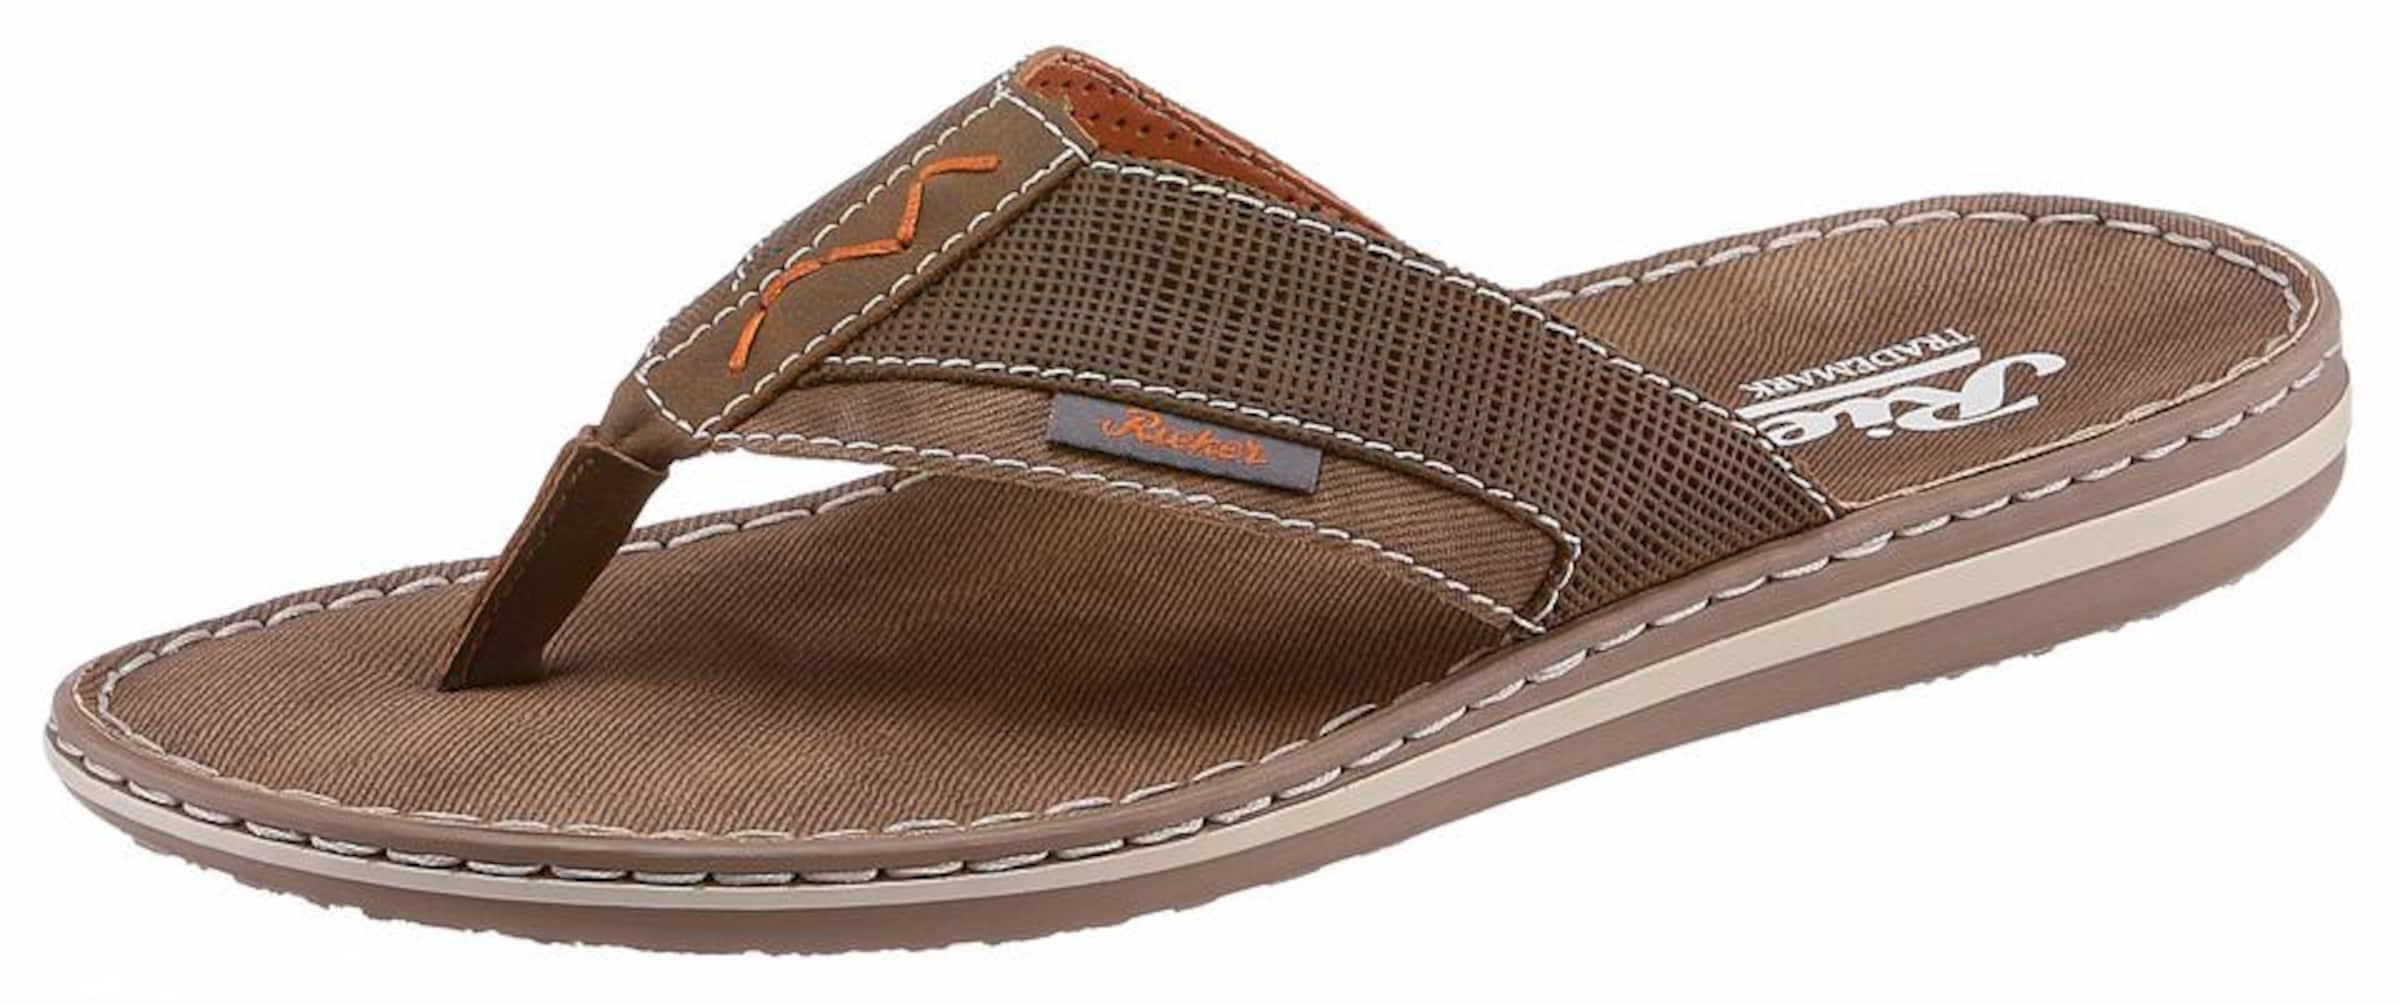 RIEKER Zehentrenne Verschleißfeste billige Schuhe Hohe Qualität